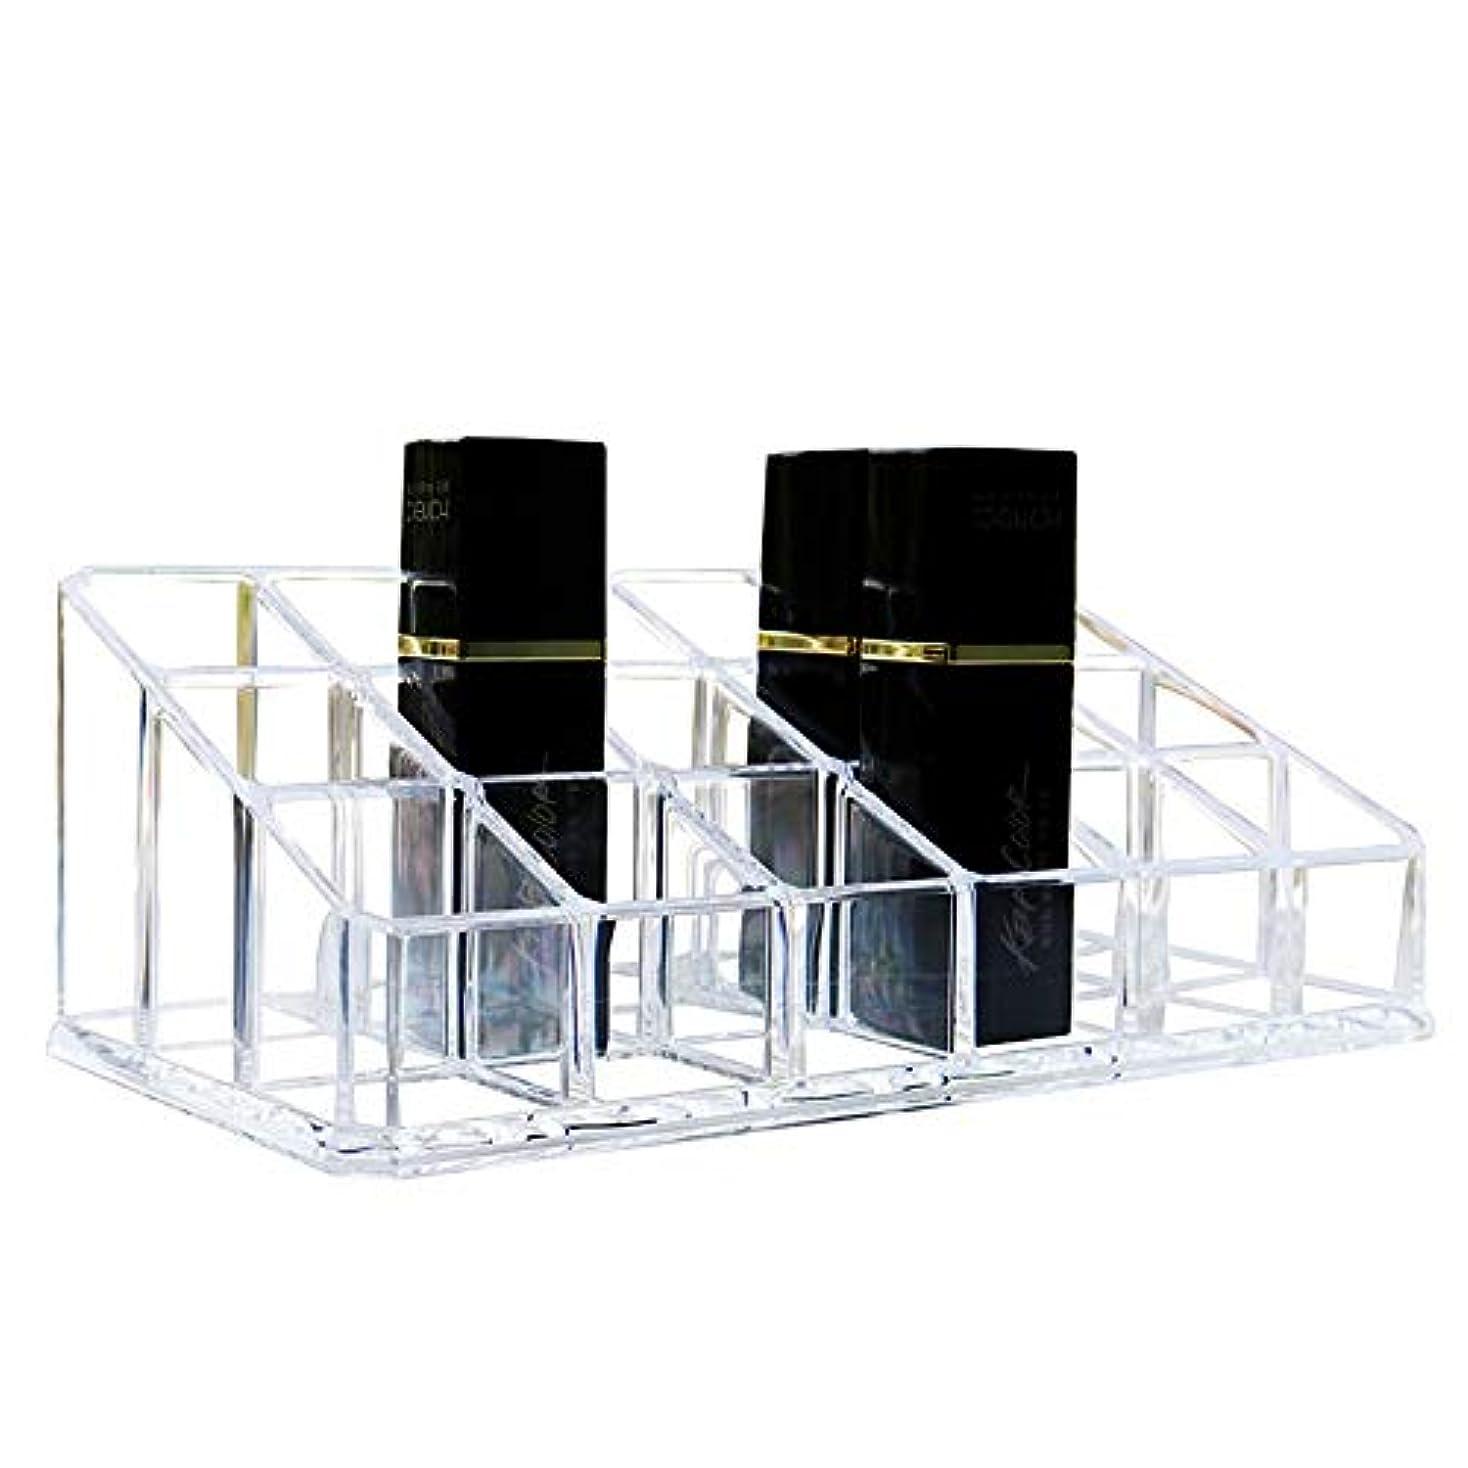 咽頭極端な除外する整理簡単 シンプルな口紅収納クリア18コンパートメント化粧口紅化粧品ディスプレイスタンドラックホルダーオーガナイザー (Color : Clear, Size : 17.4*9*6.3CM)